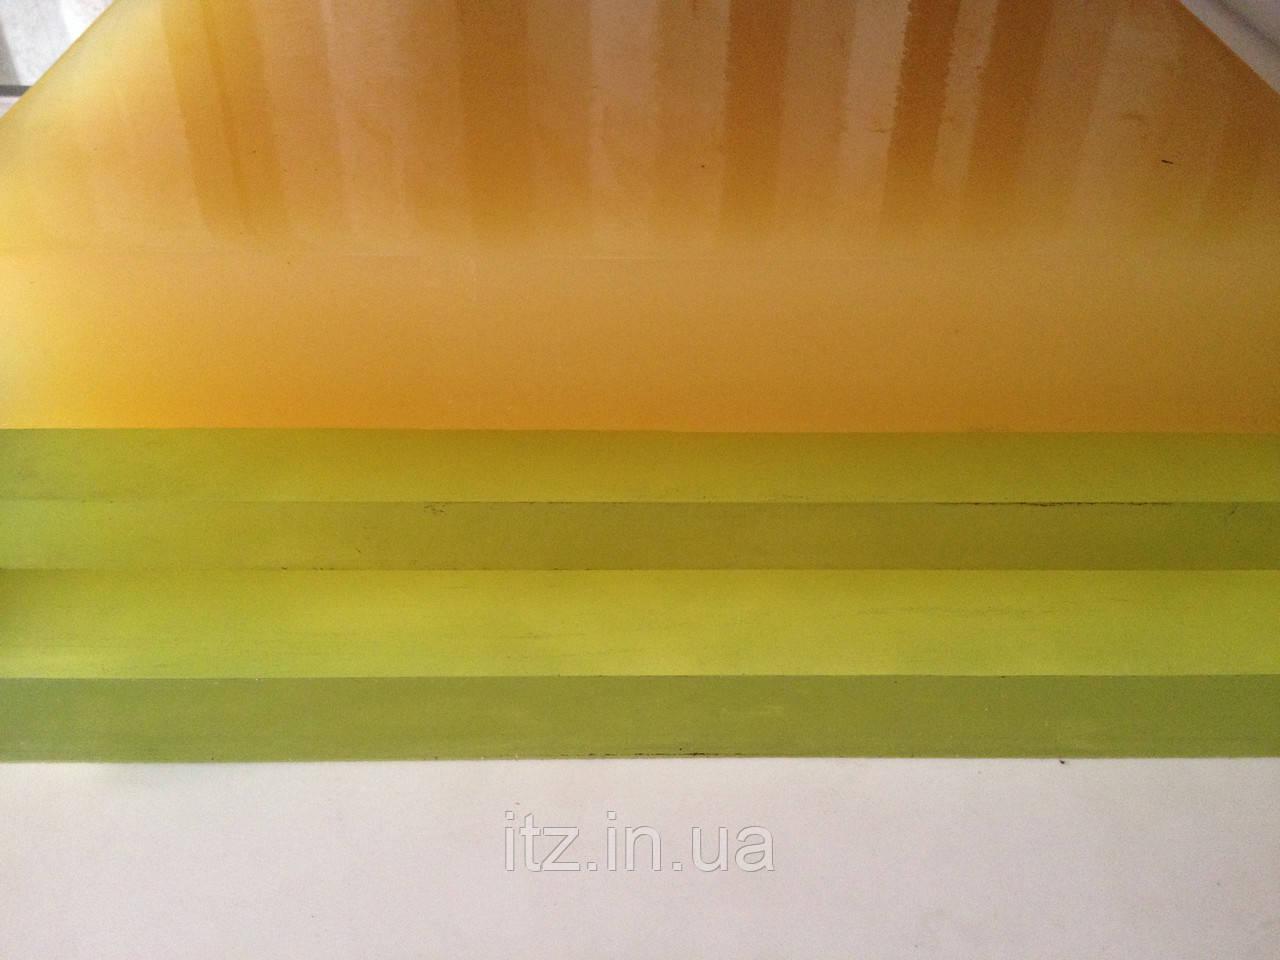 Полиуретан листовой, толщина 20 мм